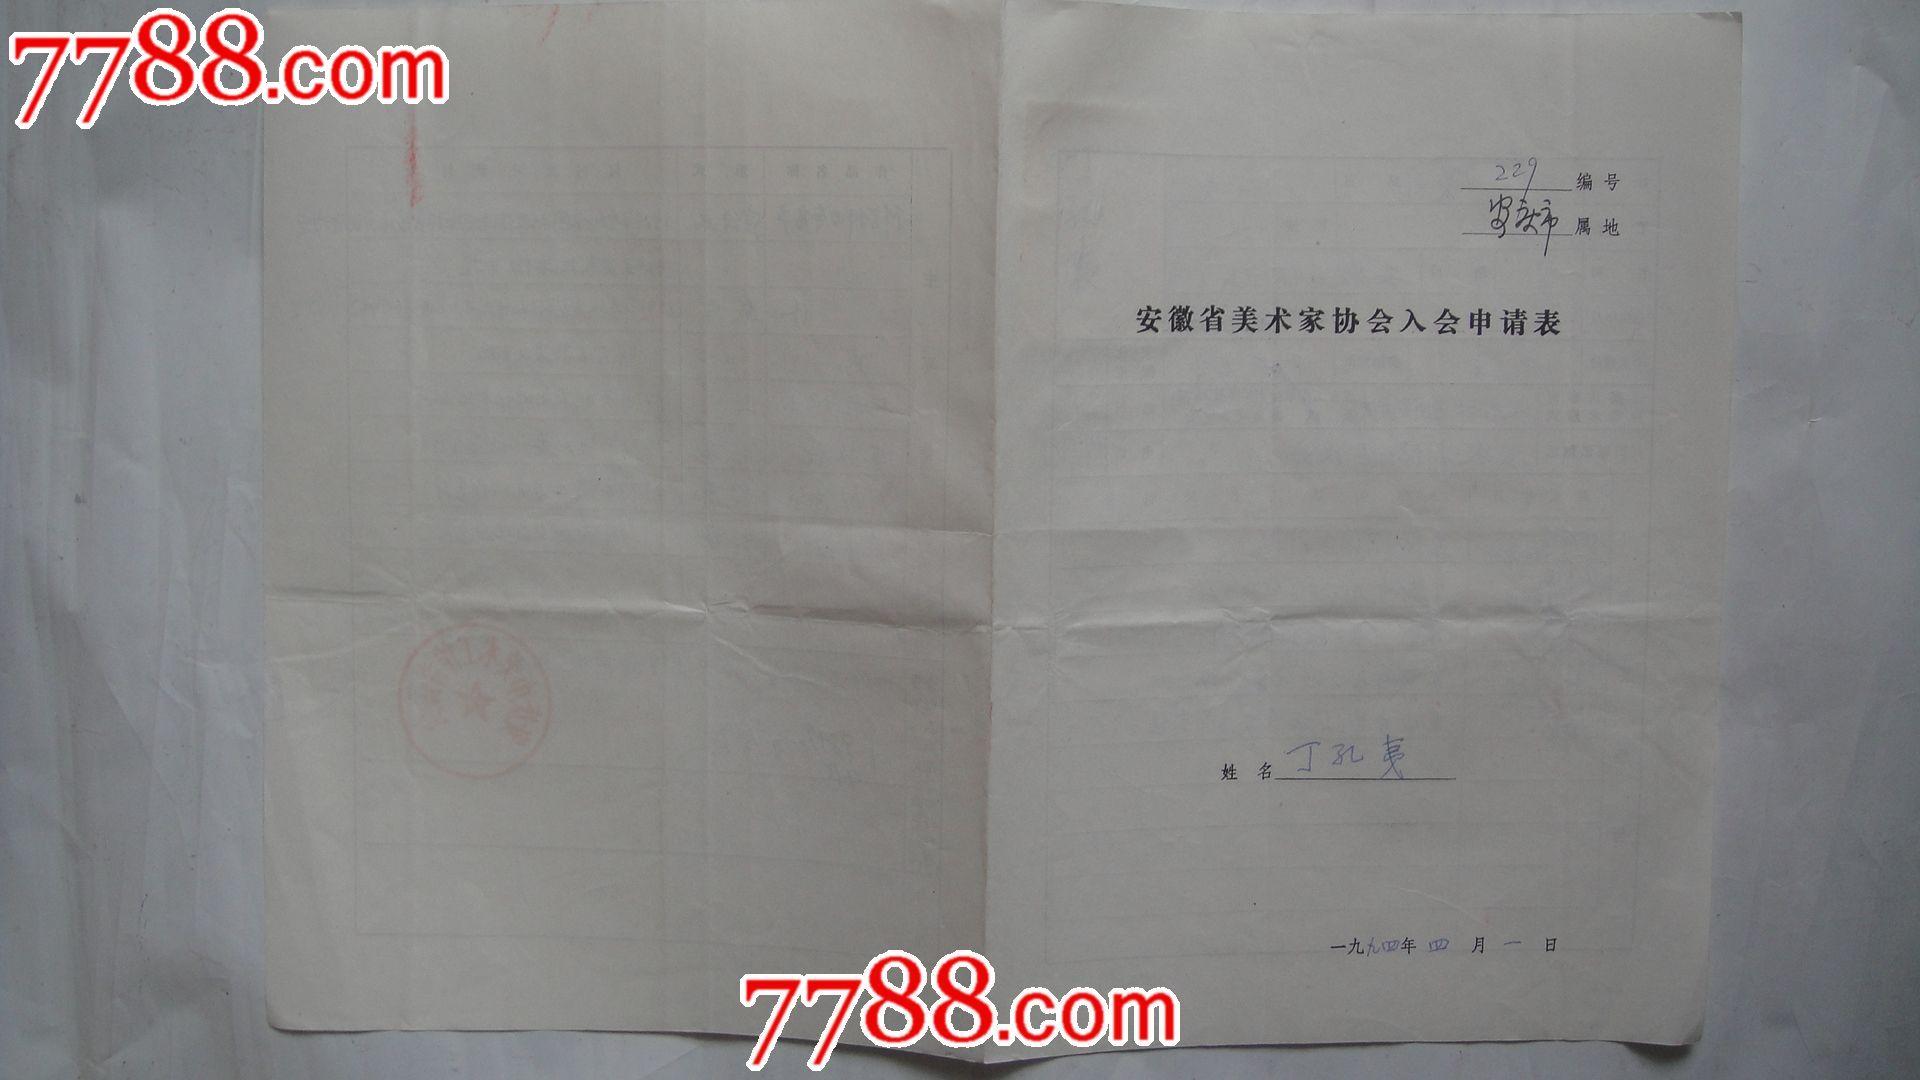 安徽省美术家协会入会申请表(丁孔夷)图片